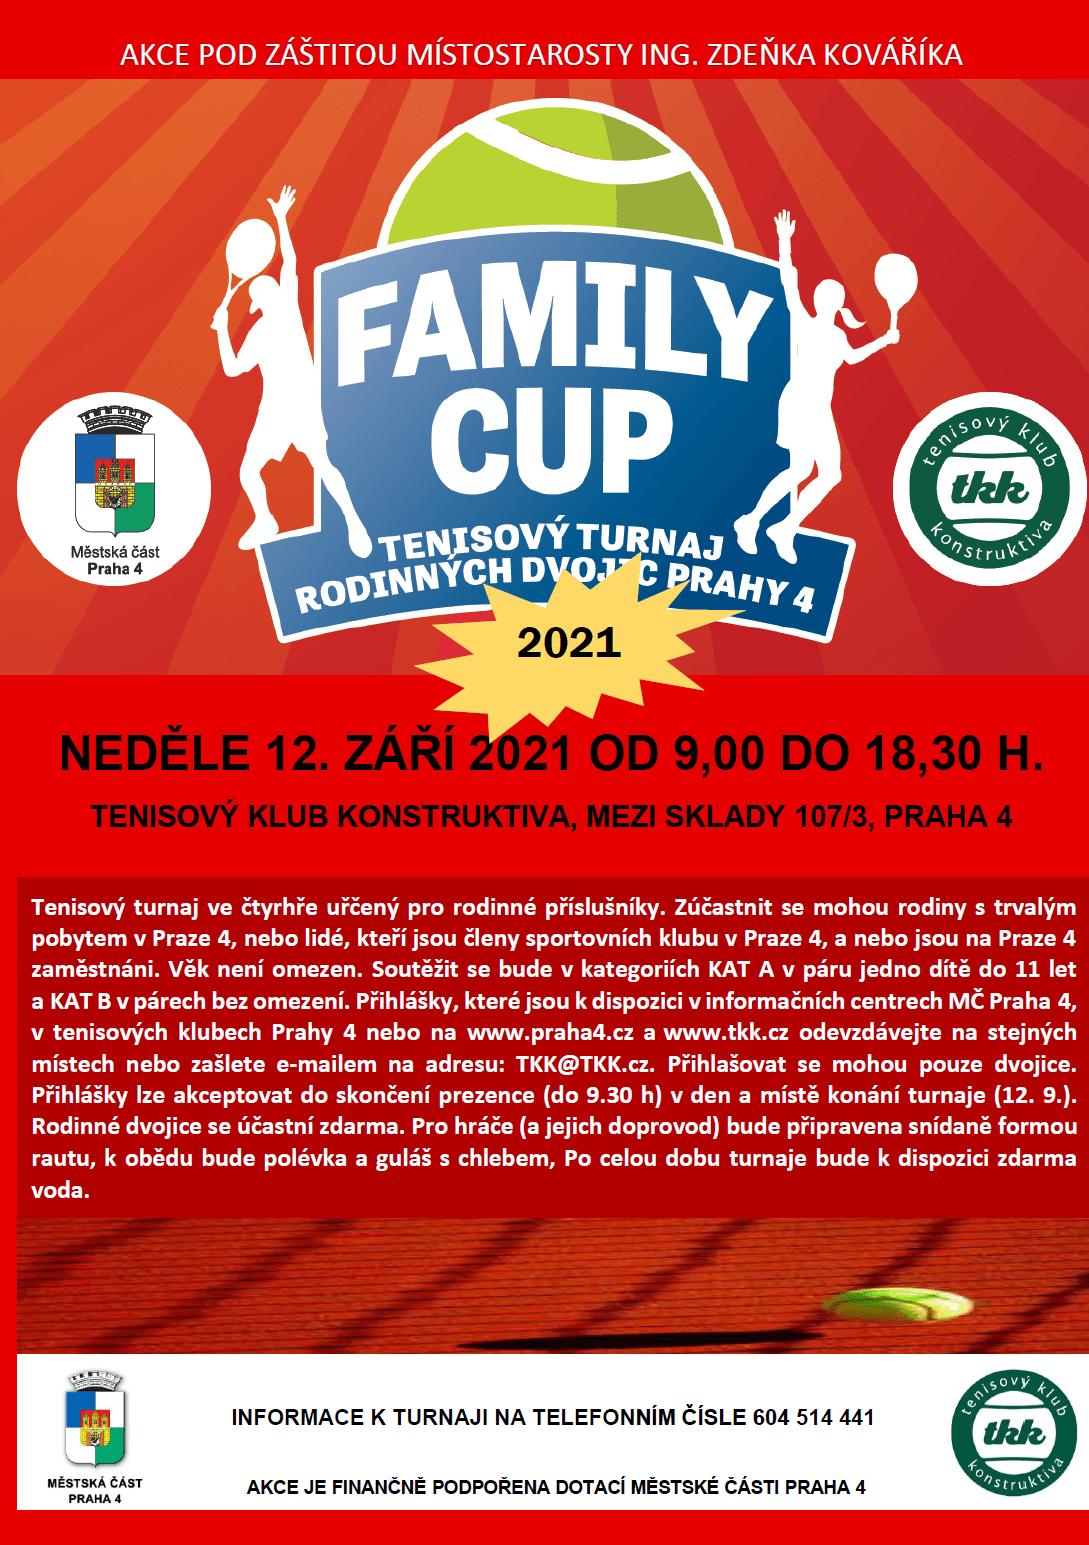 Plakát Turnaj rodinných dvojic 2021